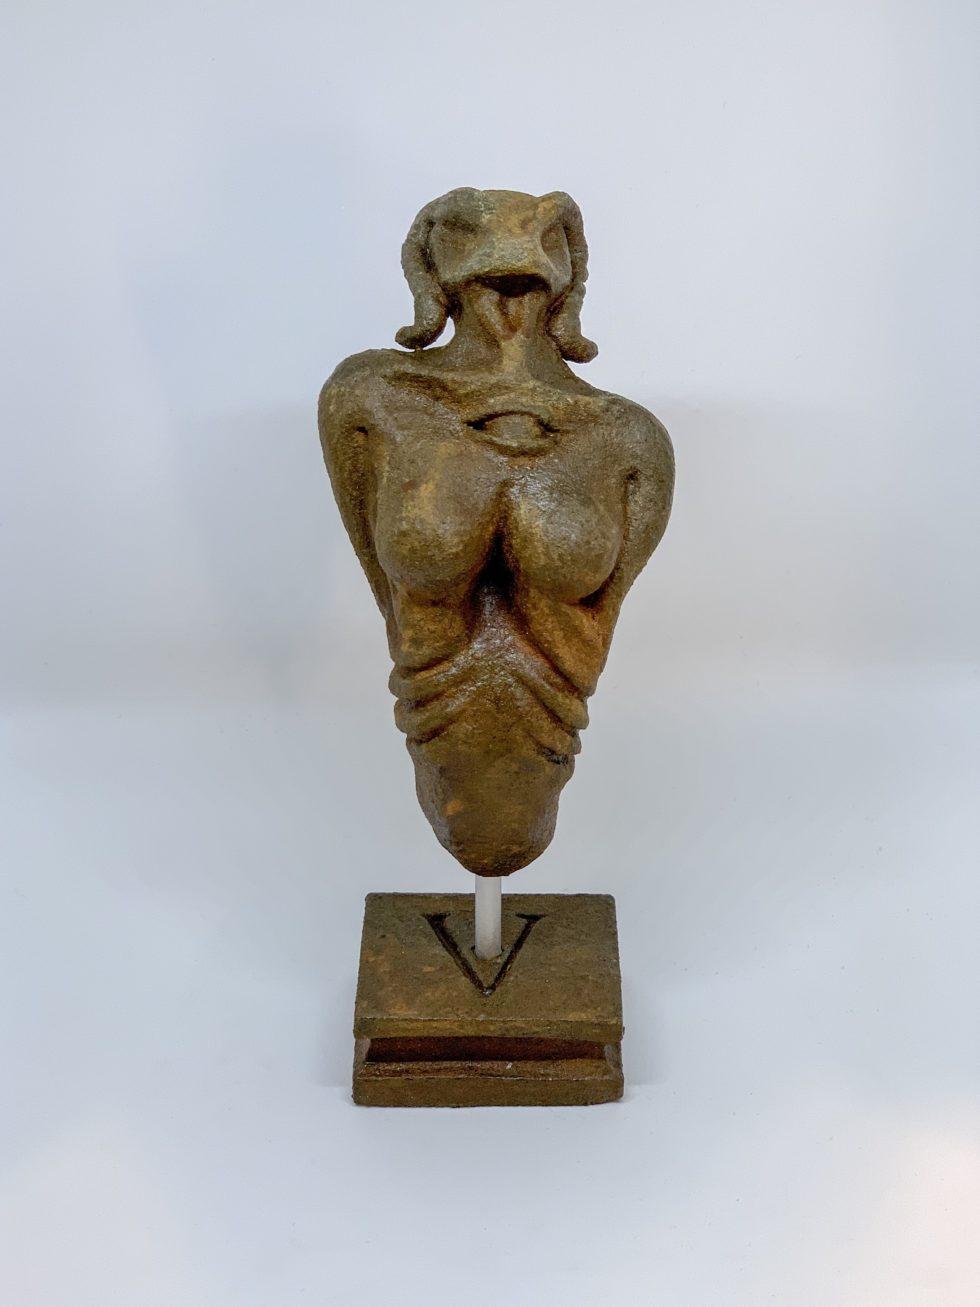 Krampus - Sculpture